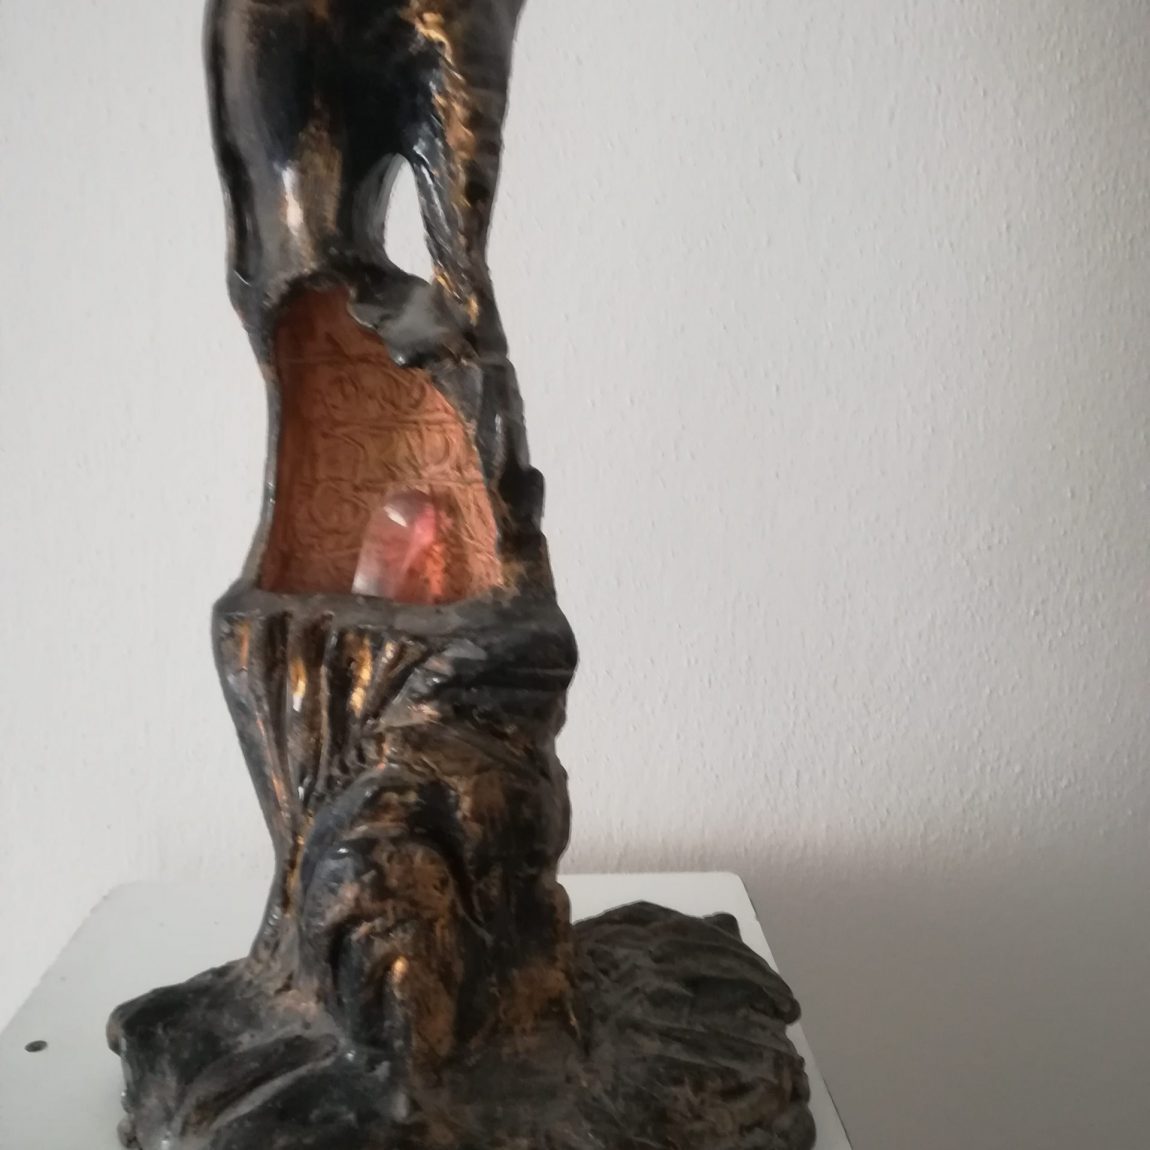 Sanatçı : Gülseren Dalbudak  -  Eser Adı: Manken  - Teknik: Pişmiş Toprak  - Ölçü: 45 x 19 x 10 cm -  Fiyat : 17.700 TL